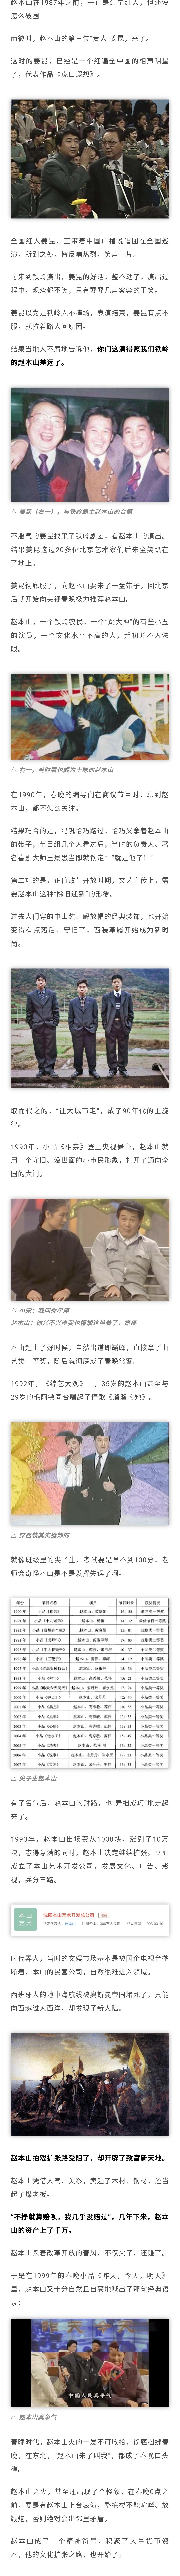 """赵本山——从东北""""萨满""""到东北教父 liuliushe.net六六社 第3张"""